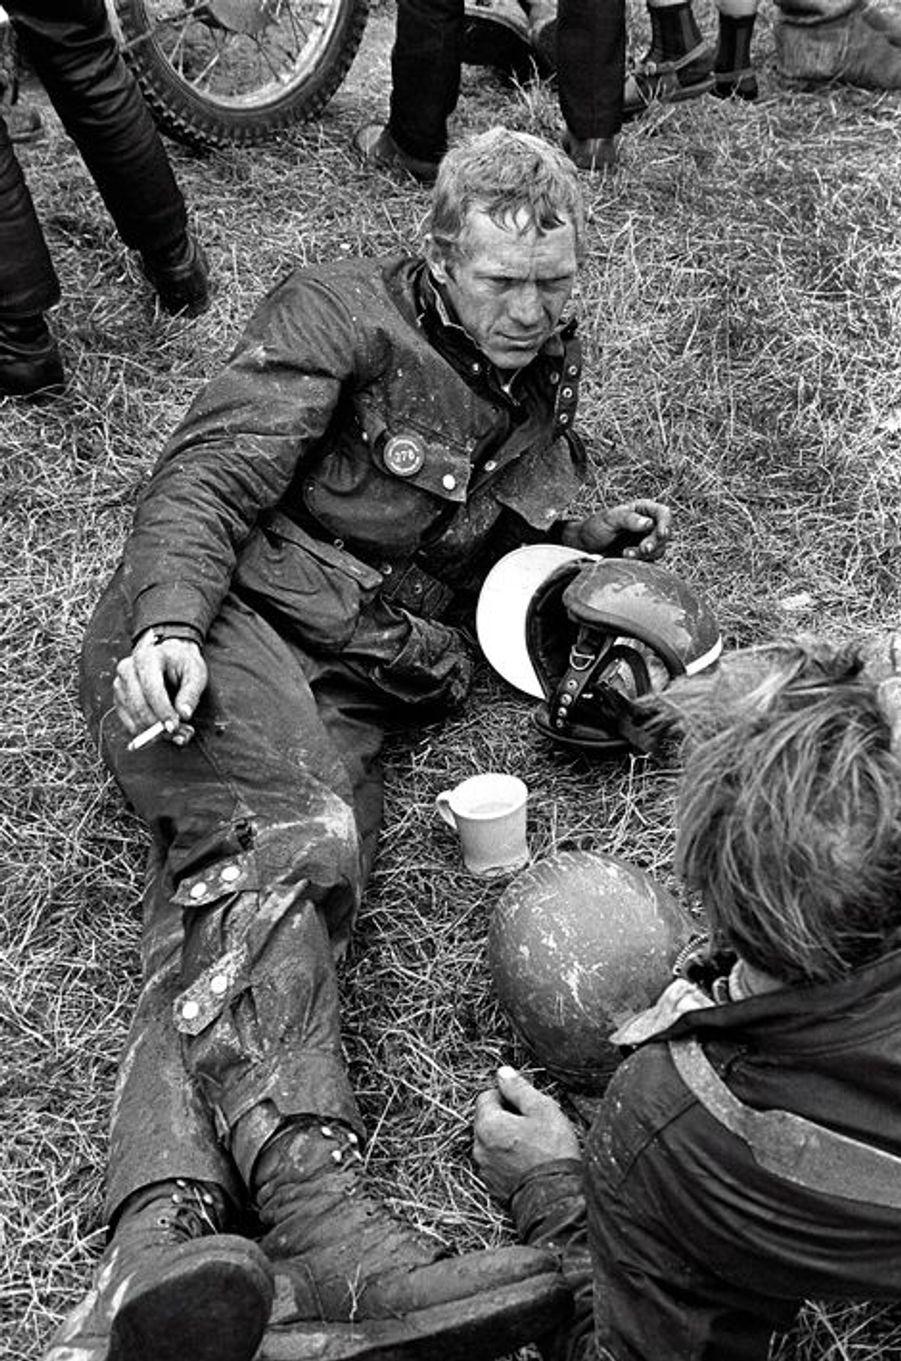 Steve McQueen participe aux 6 jours d'Erfurt lors du championnat du monde de motocross en Septembre 1964